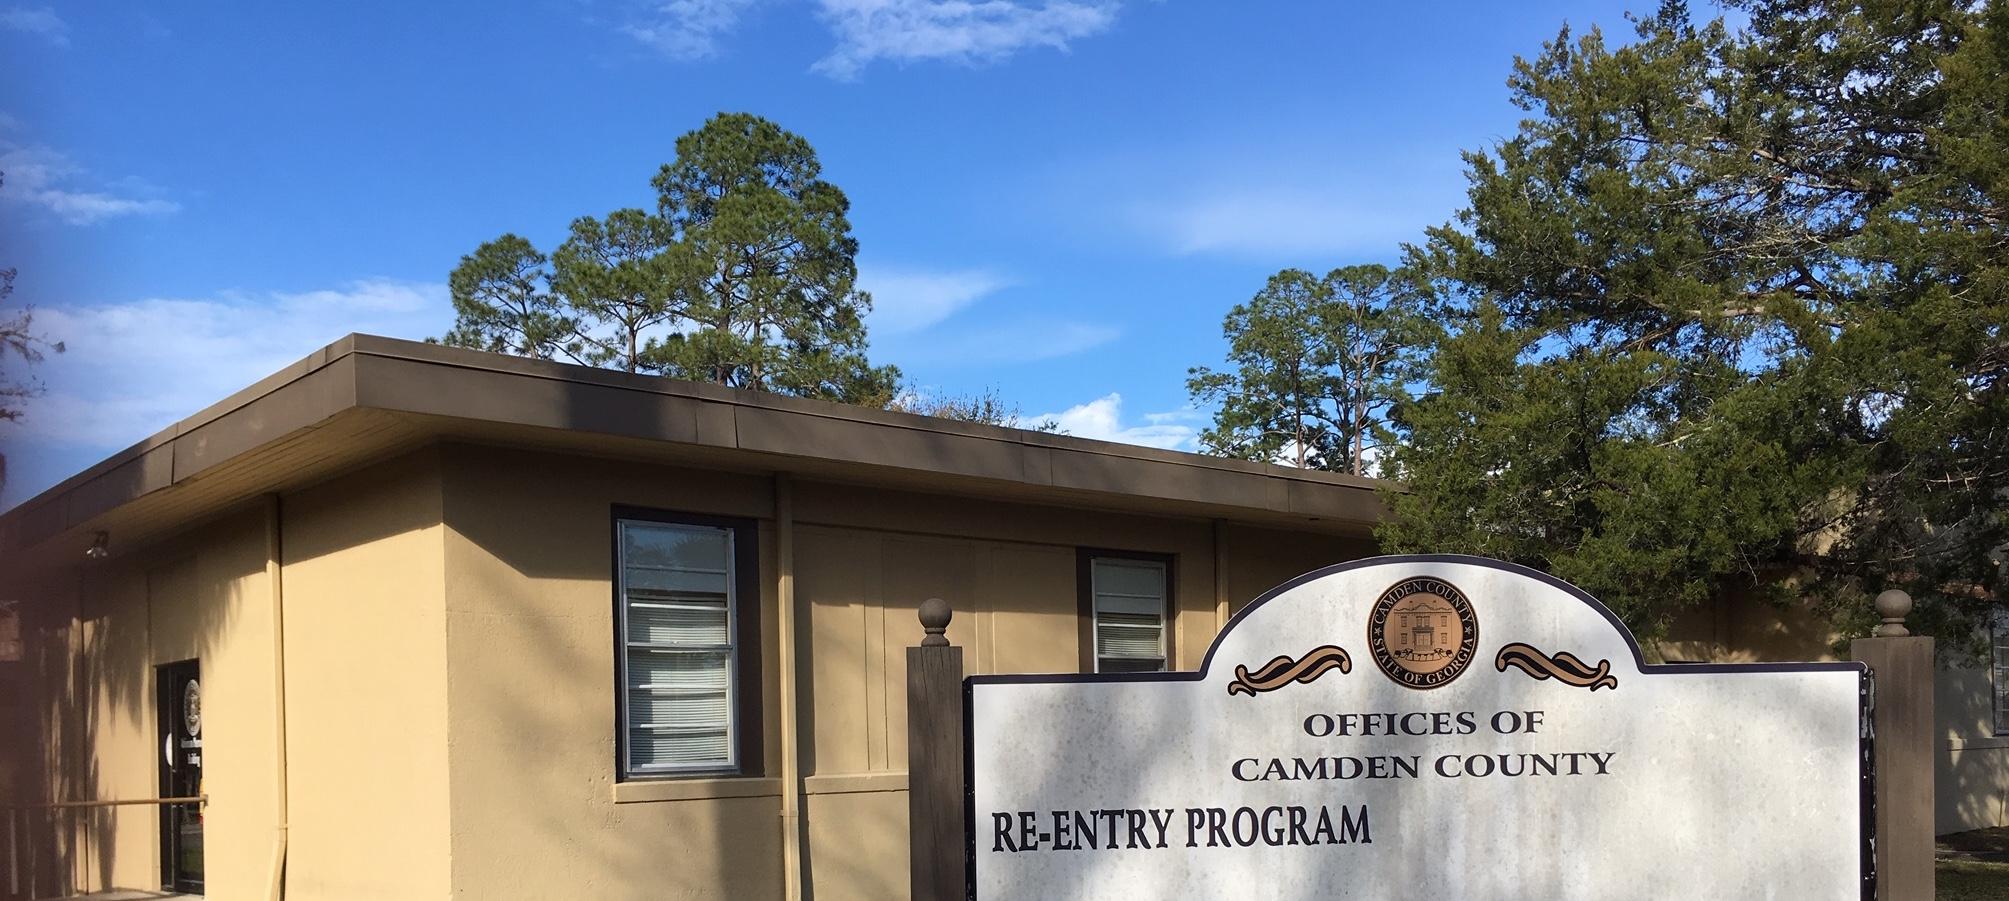 Camden County Re-Entry Program